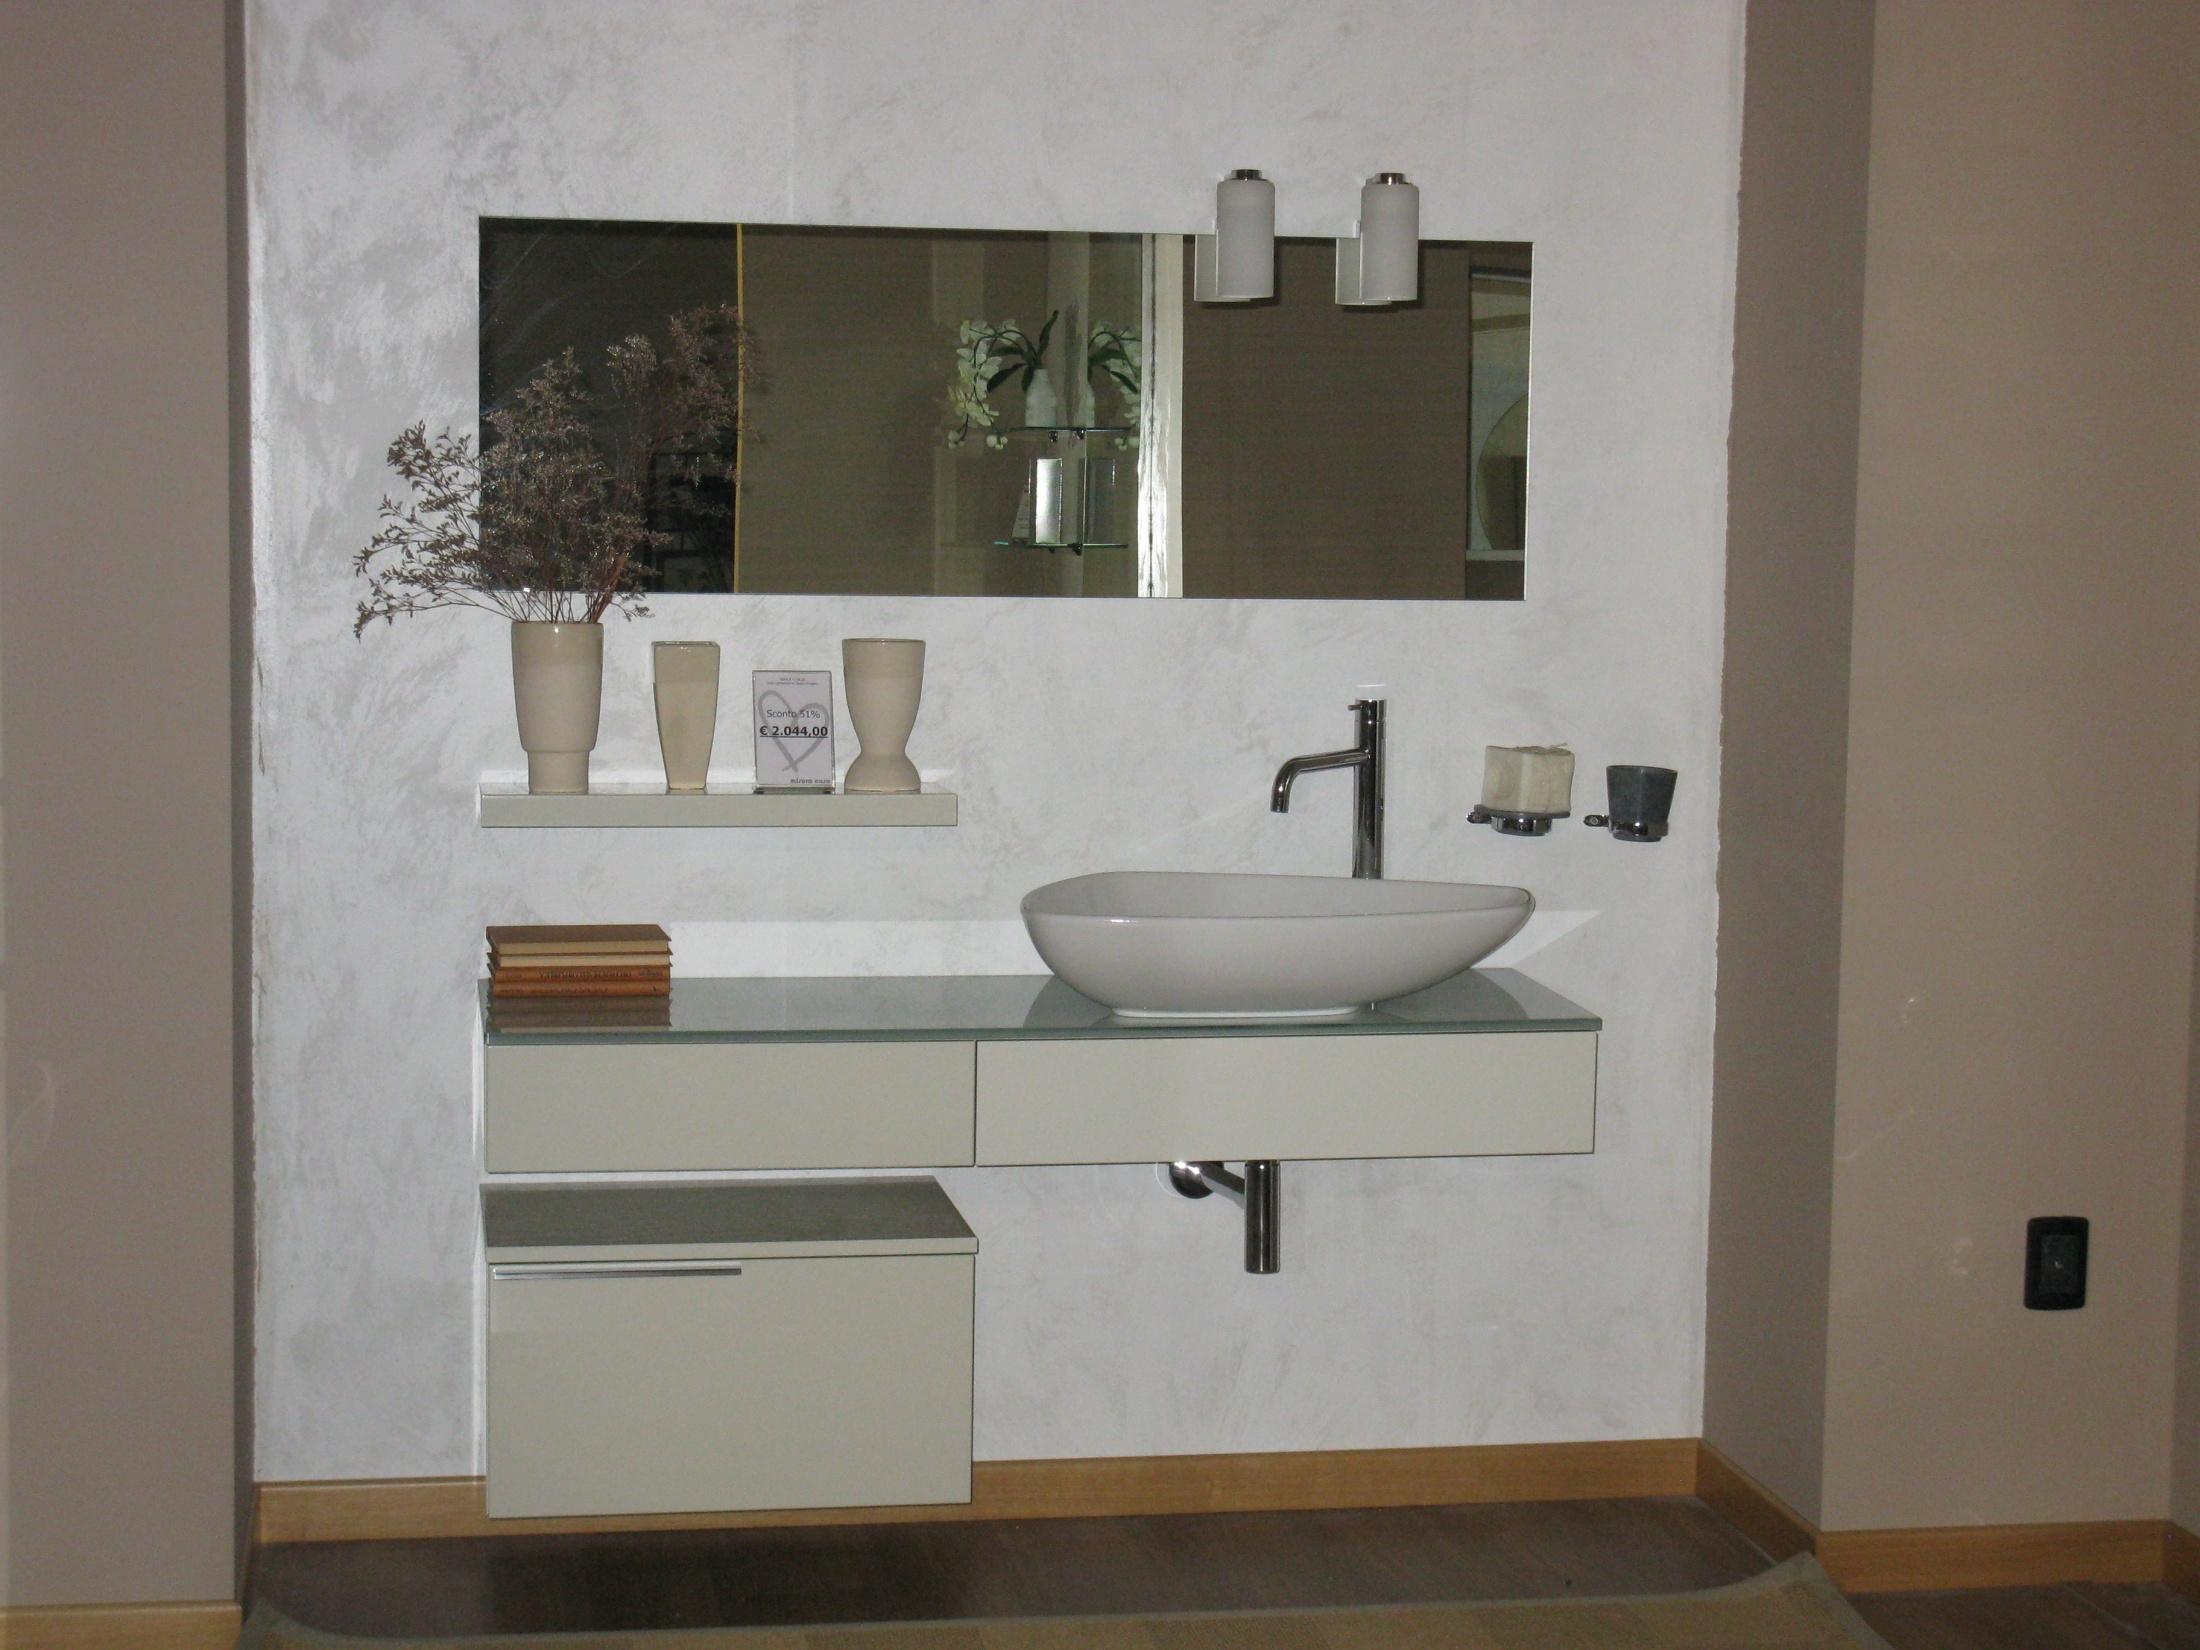 Inda progetto scontato del 51 arredo bagno a prezzi - Progetto accessori bagno ...